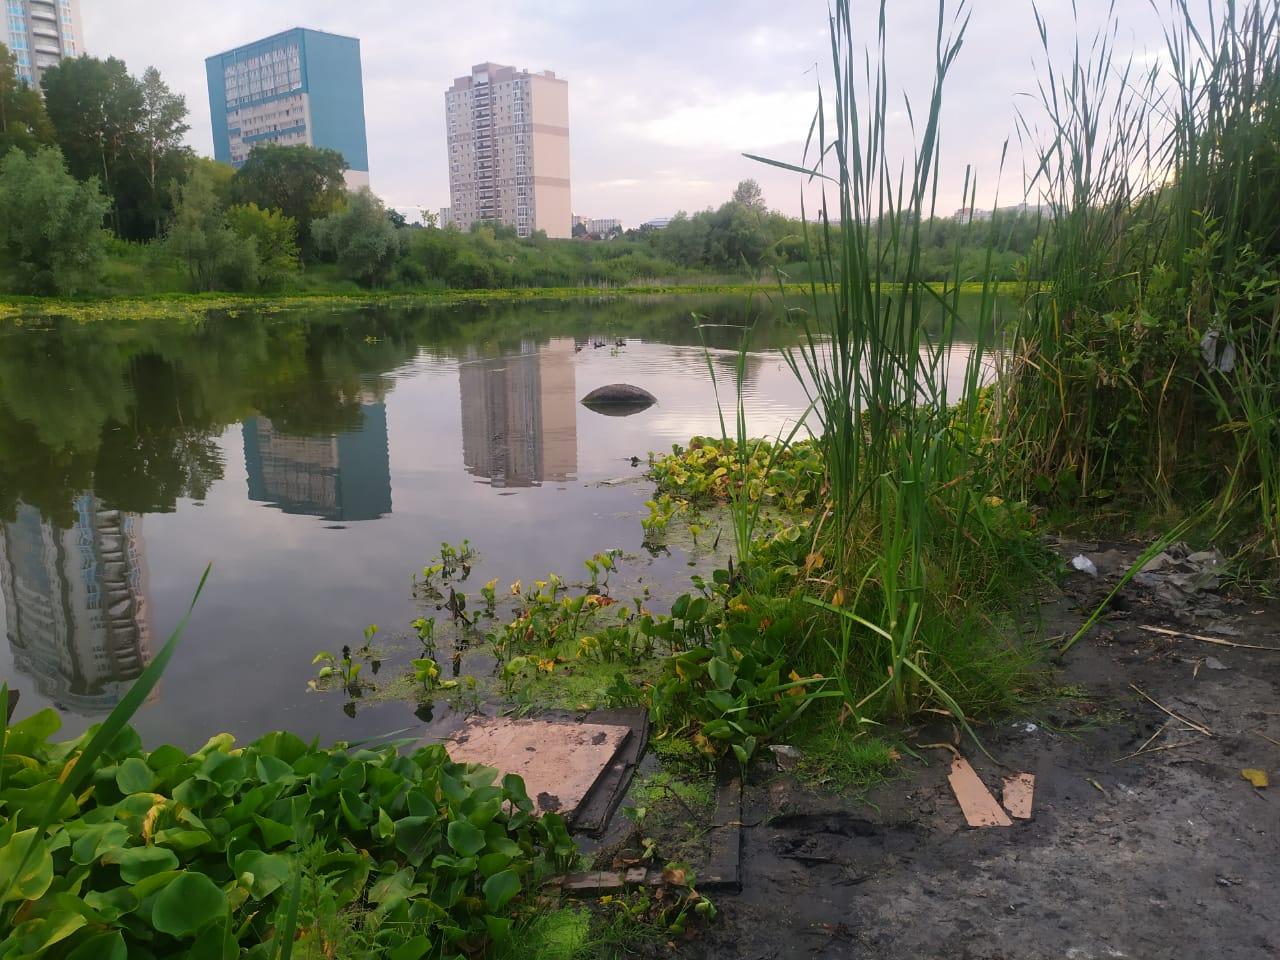 Озеро с уточками в Барнауле загрязнили покрышками и другим мусором